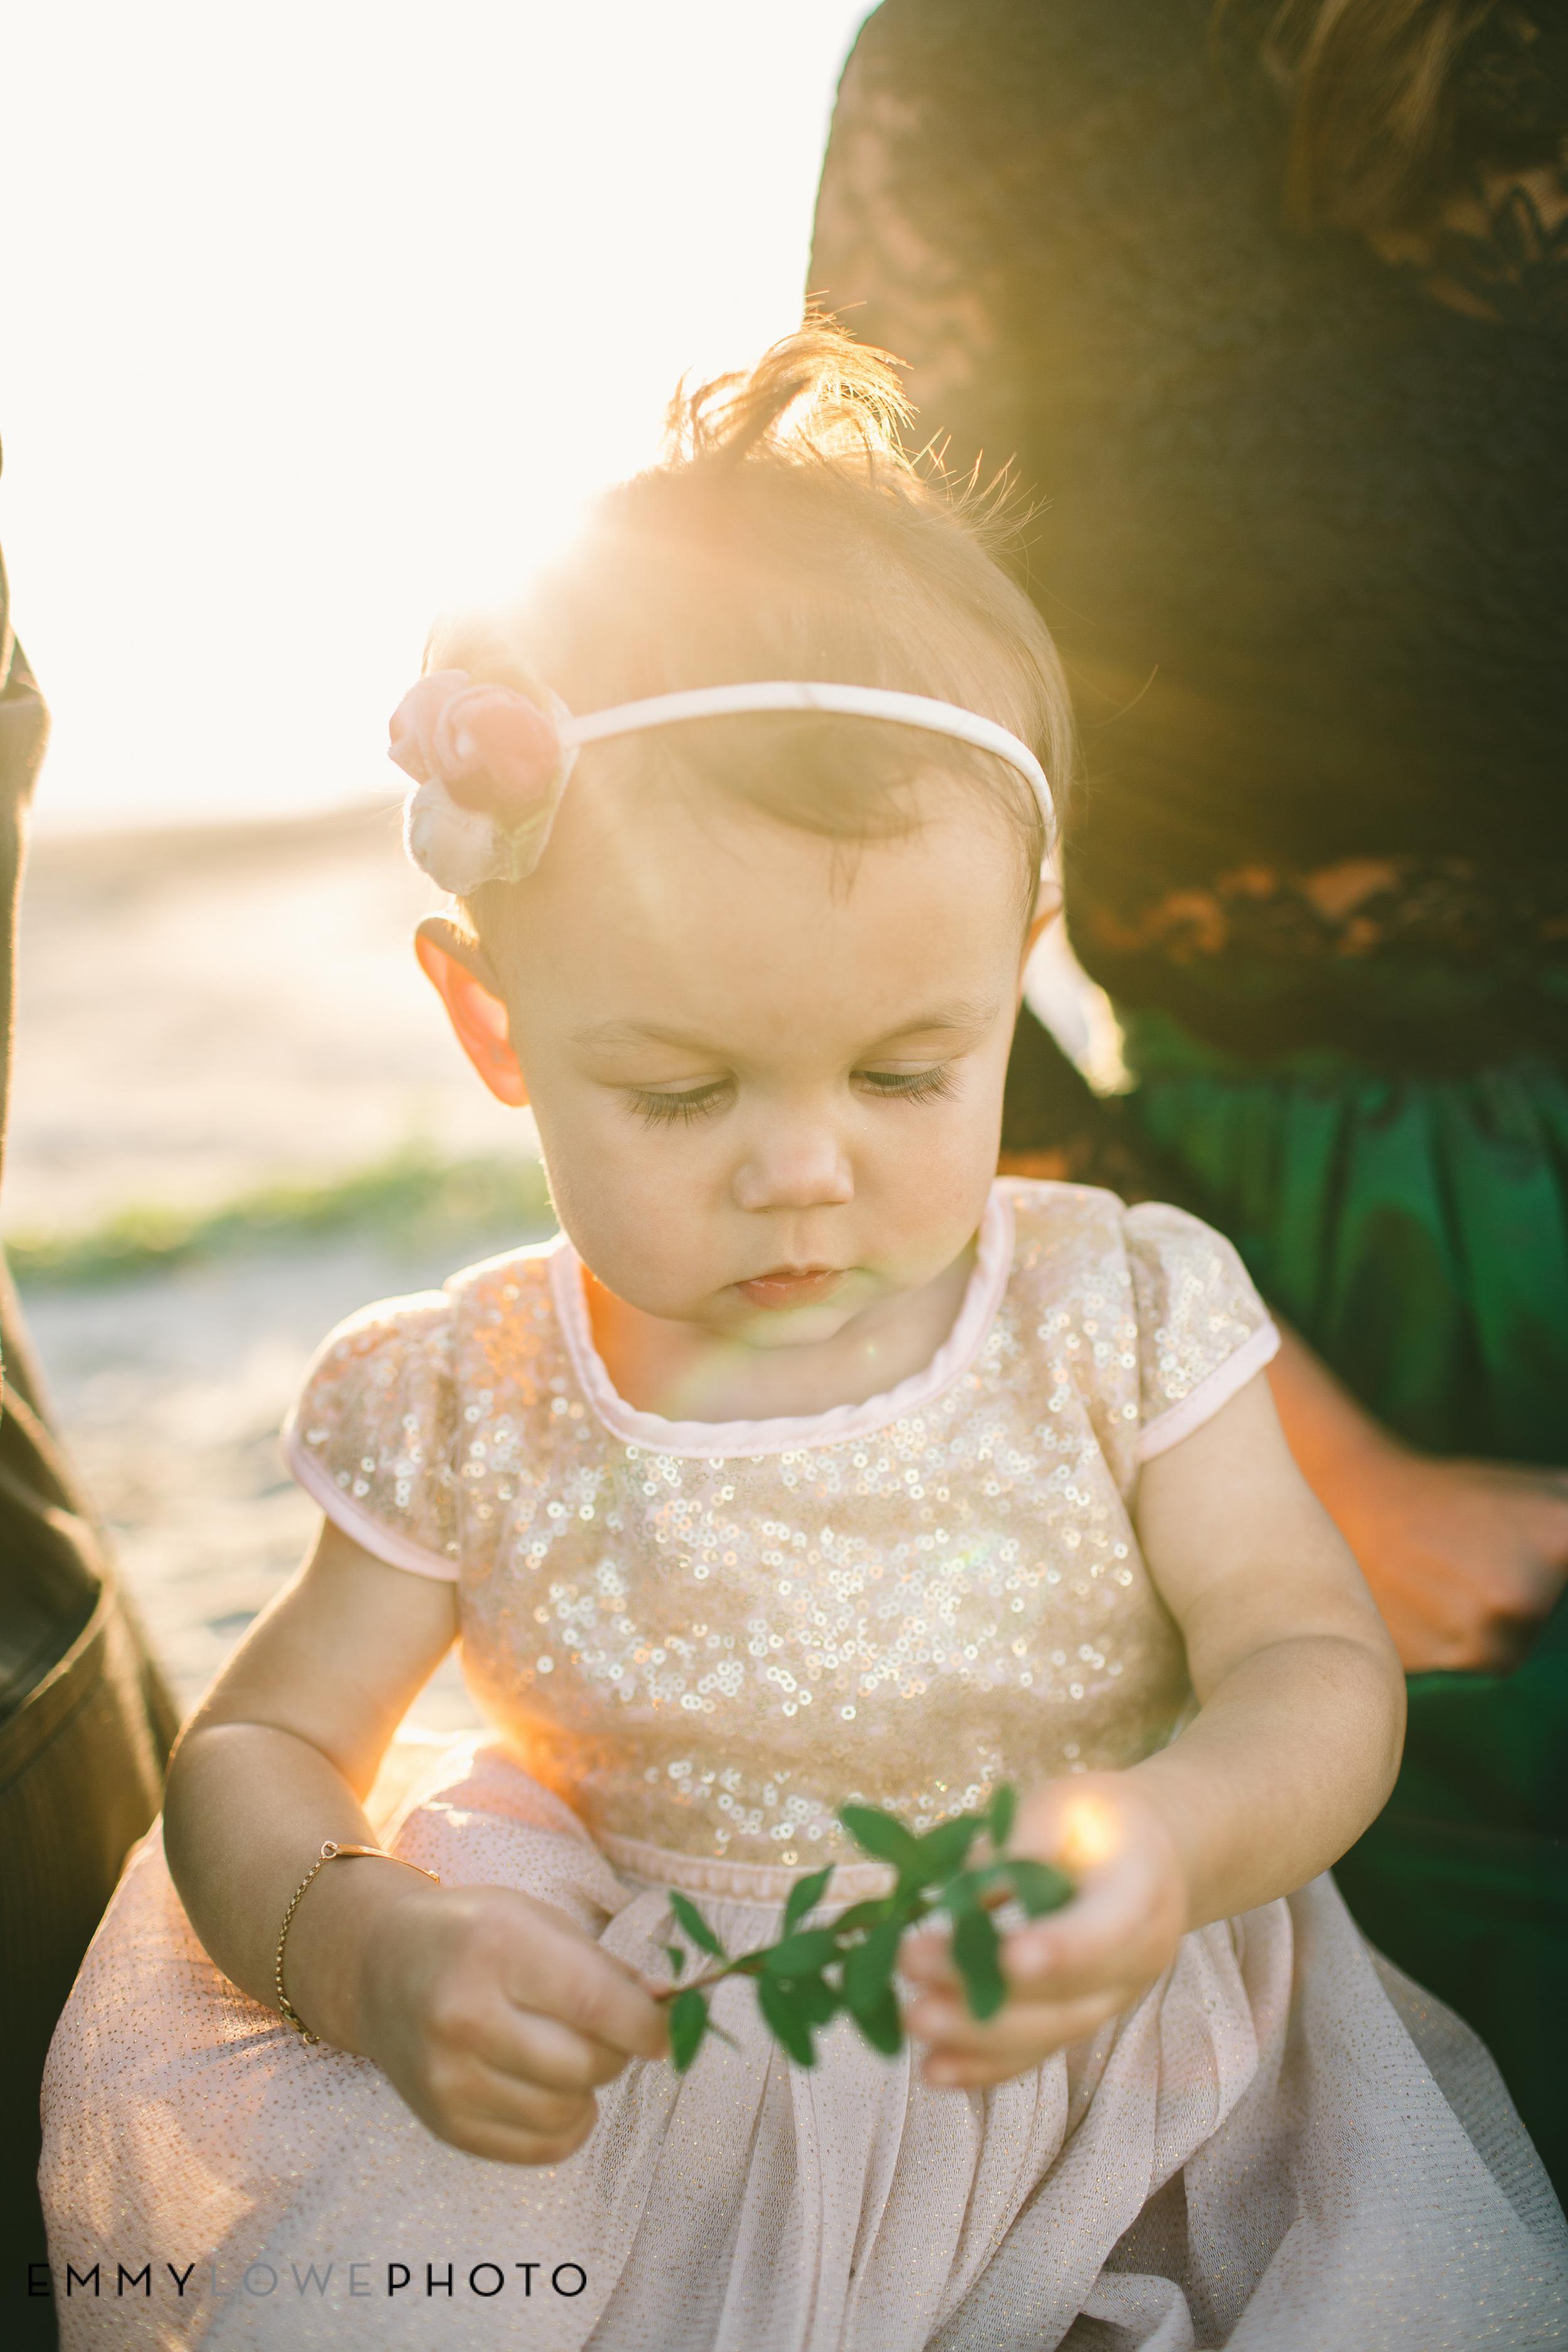 EmmyLowePhotoMeg.B.SaltFlats-63.jpg